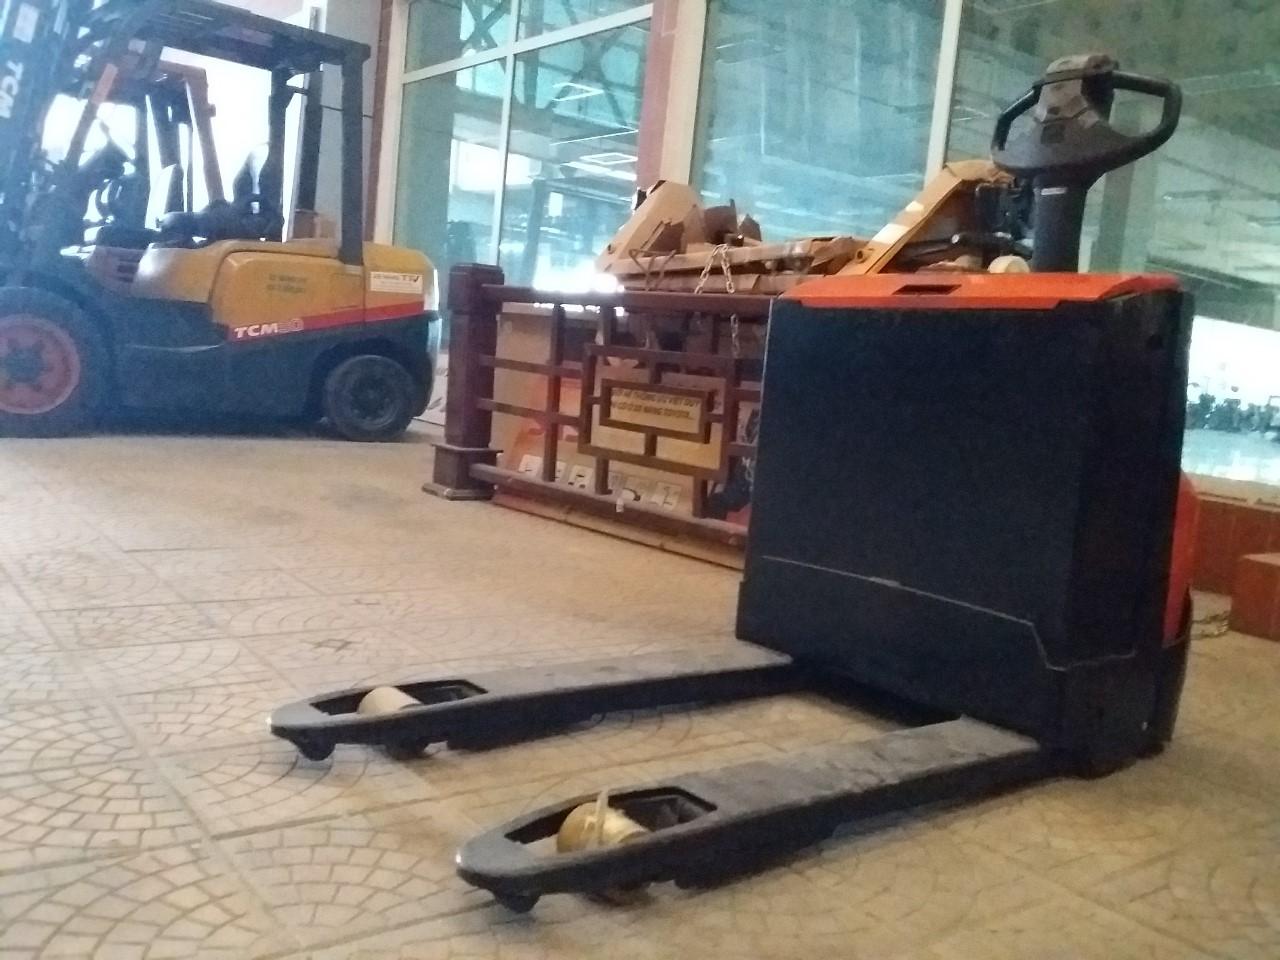 Xe nâng hàng, hiệu BT, động cơ điện, 1600kg, model LWE-160, số khung: 6099670, sản xuất năm 2009, hàng đã qua sử dụng